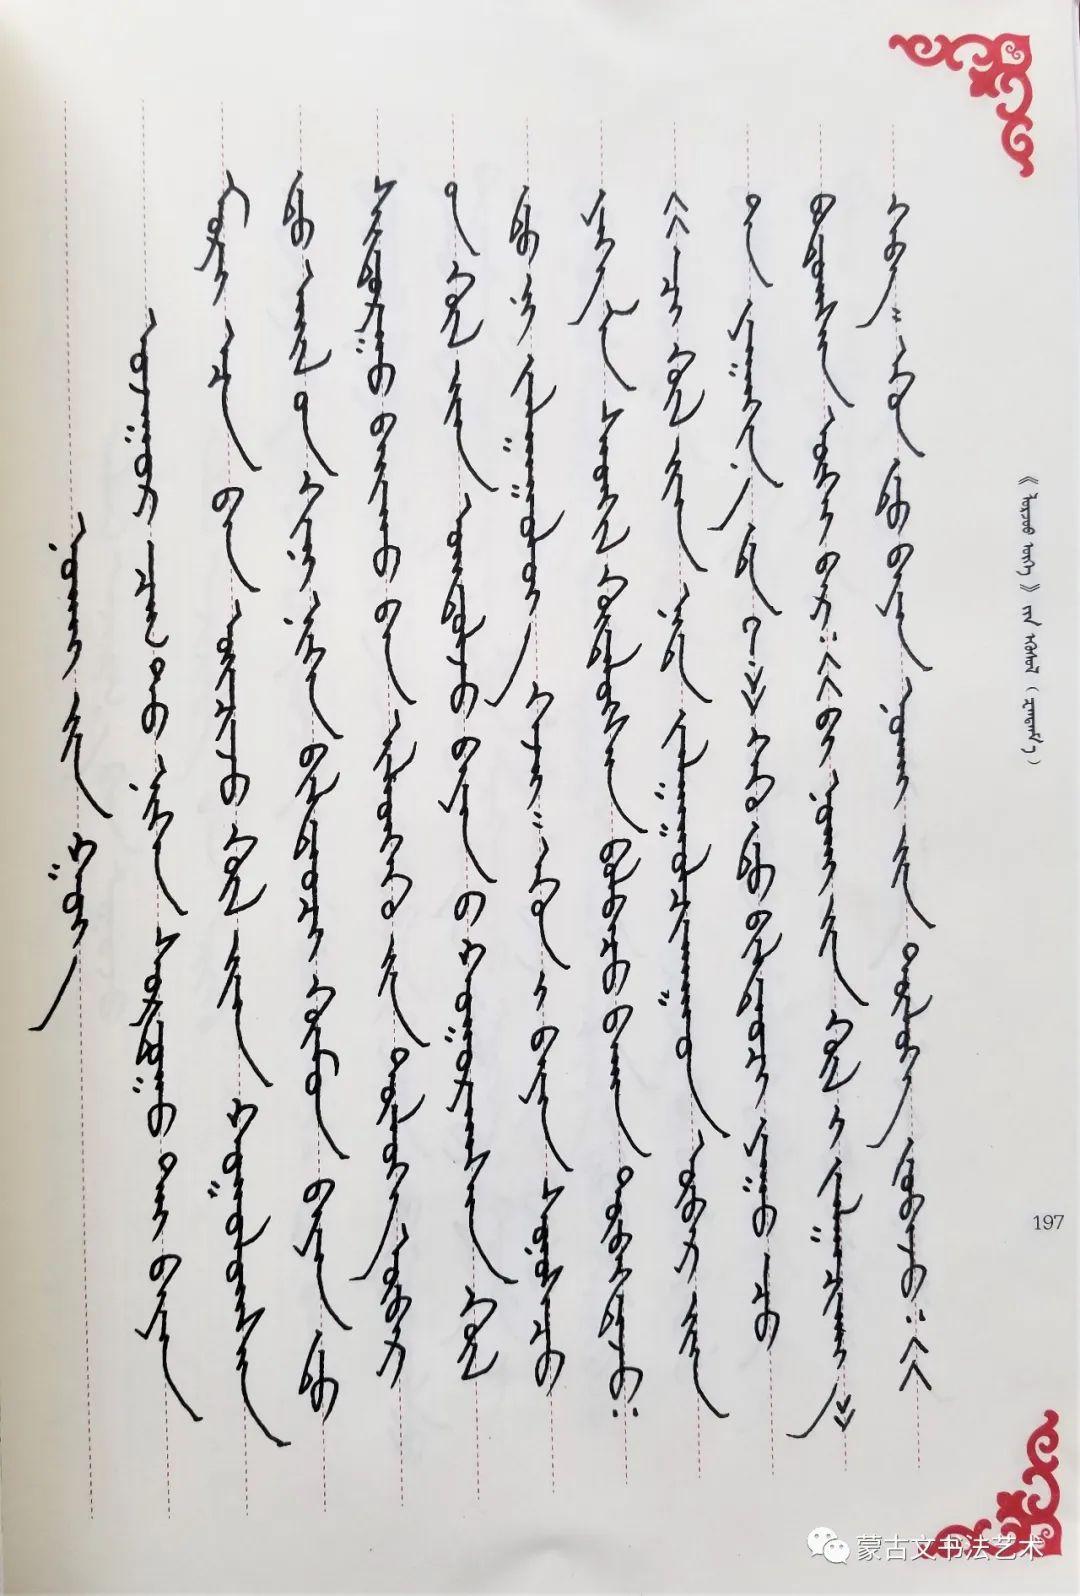 奈曼旗蒙古族实验小学十人《蒙古文钢笔规范字》 第67张 奈曼旗蒙古族实验小学十人《蒙古文钢笔规范字》 蒙古书法